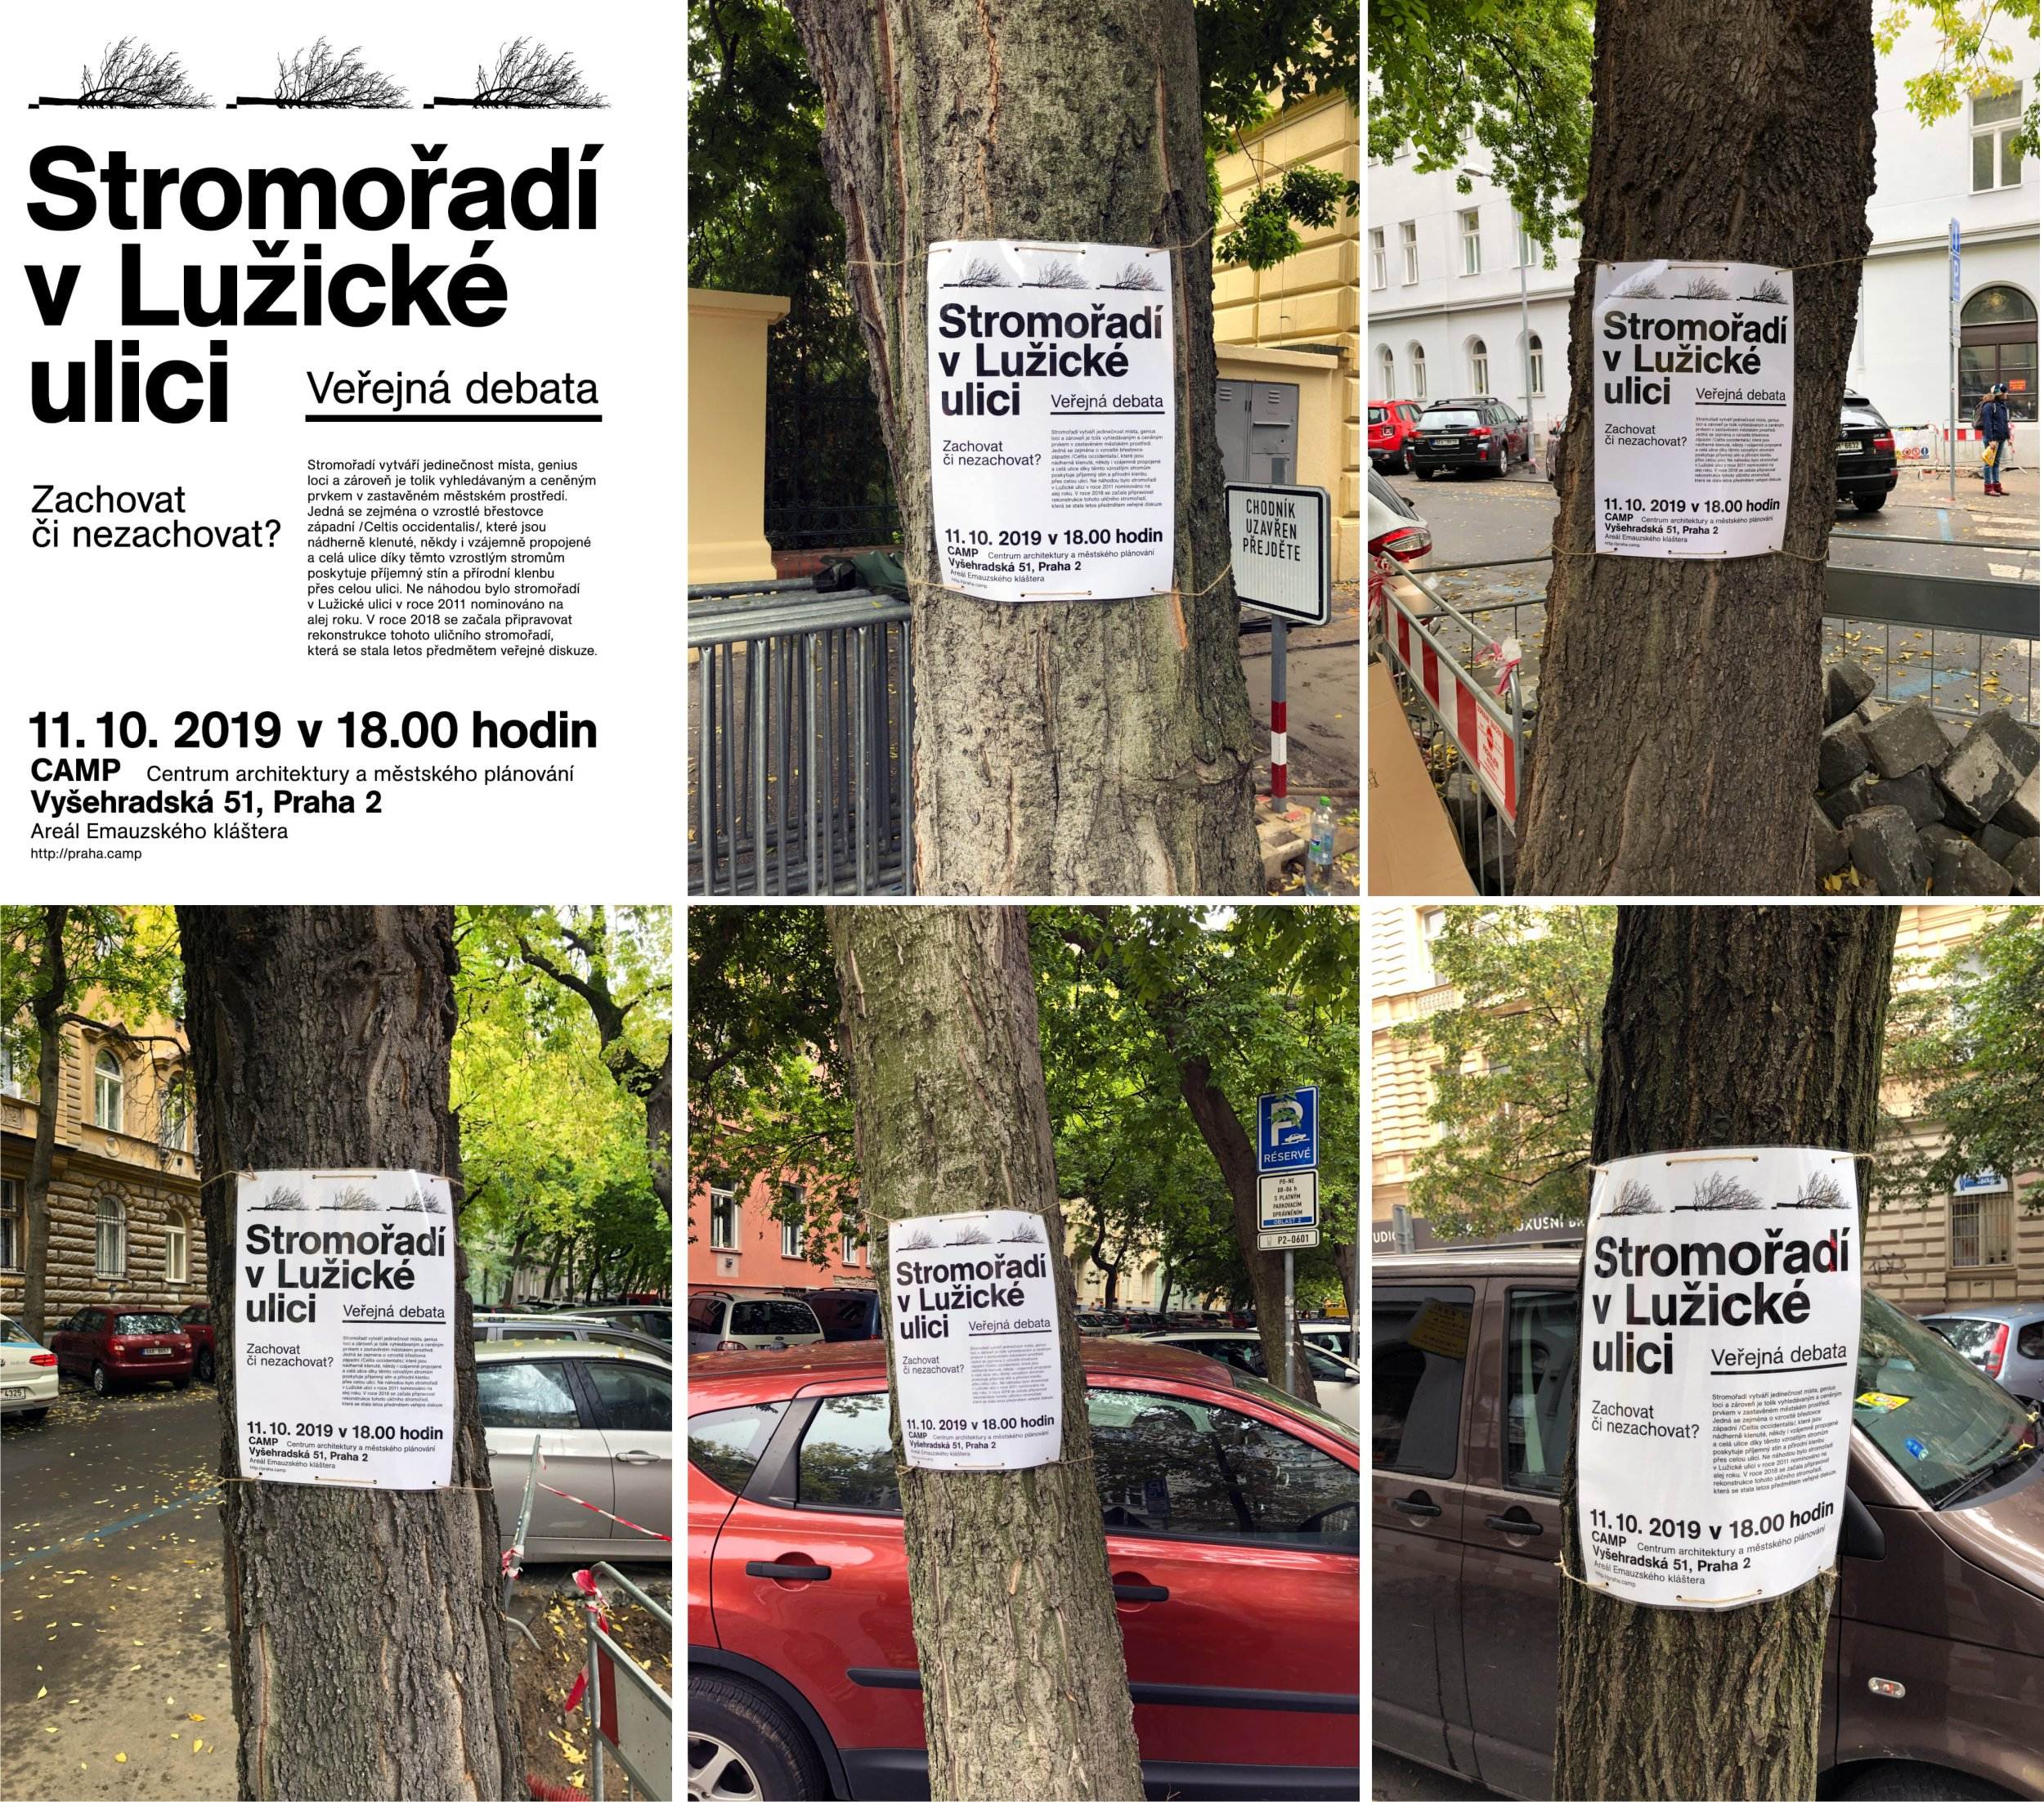 Veřejná debata o stromořadí v Lužické ulici (video)